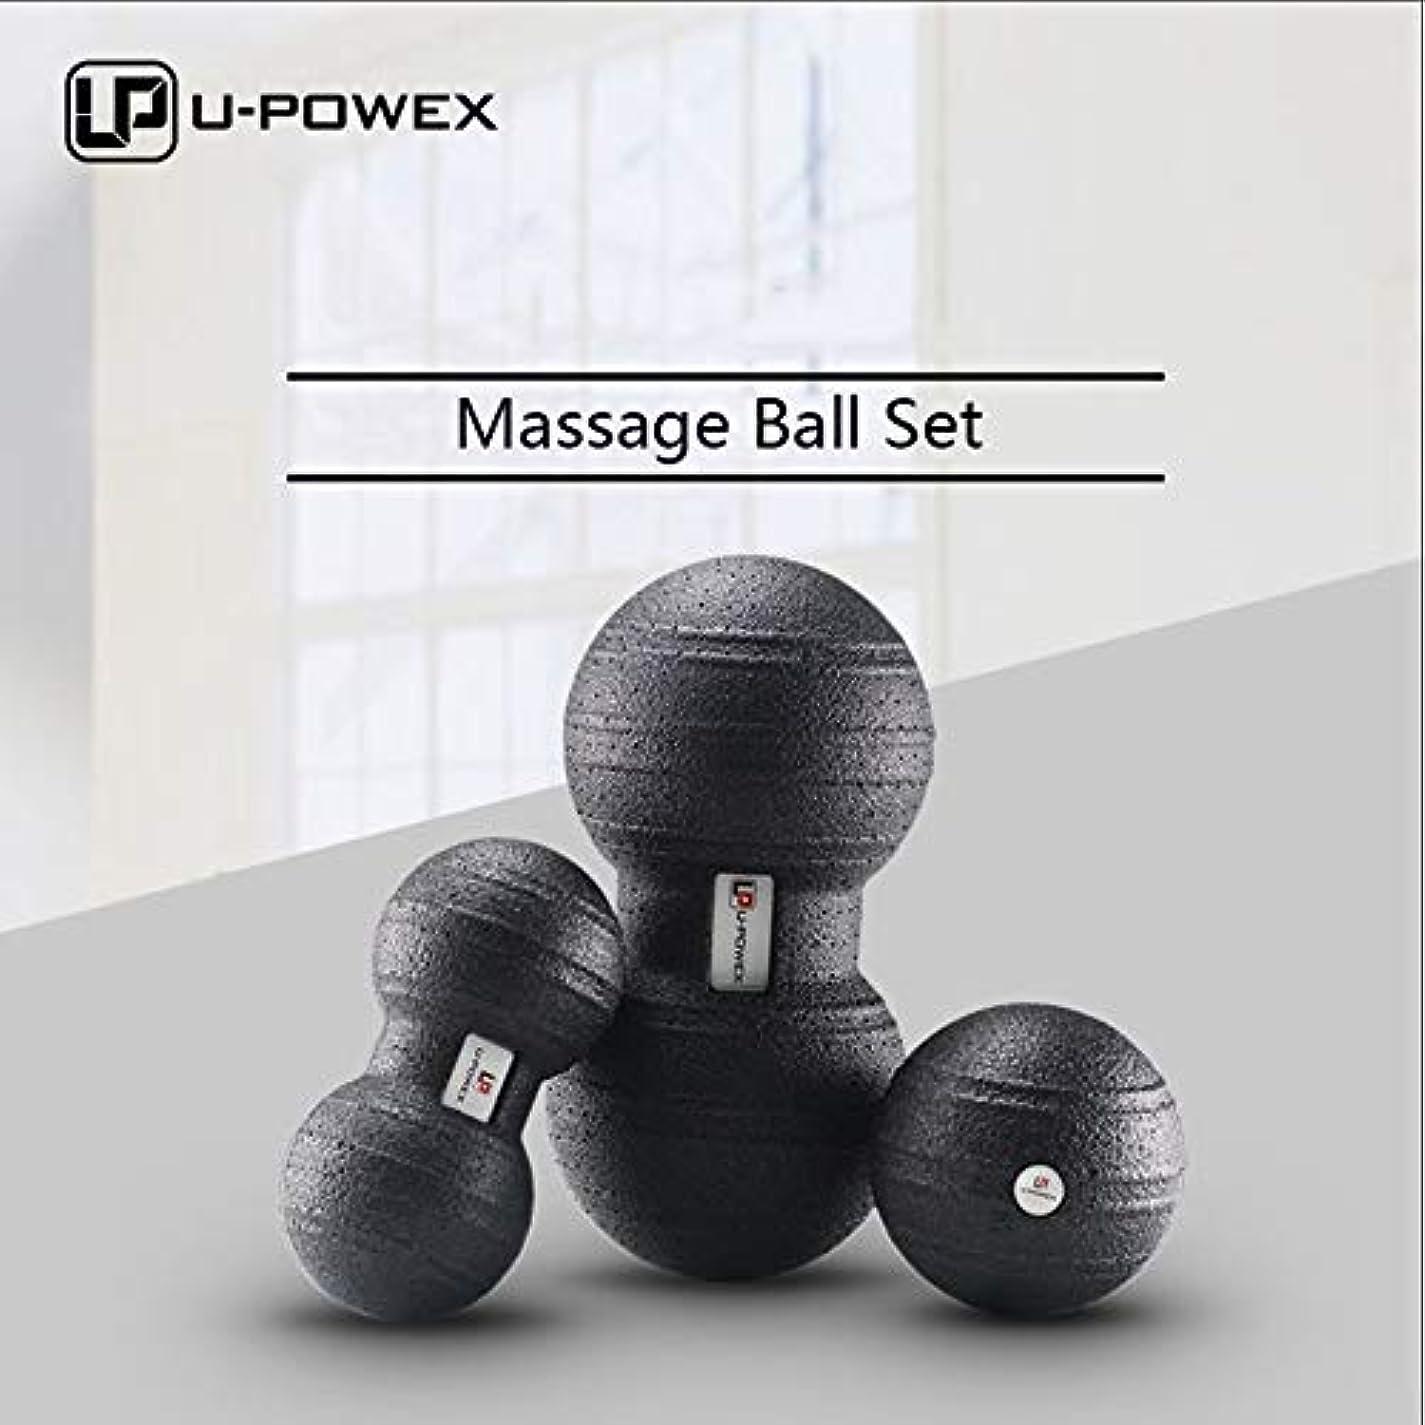 実験的取り戻す回転マッサージボール筋筋膜および筋肉マッサージボールセット3 in 1シングルボール8 cmまたはダブルボール12 x 24 cm - 100%非毒性のリサイクル可能な背中、肩、足